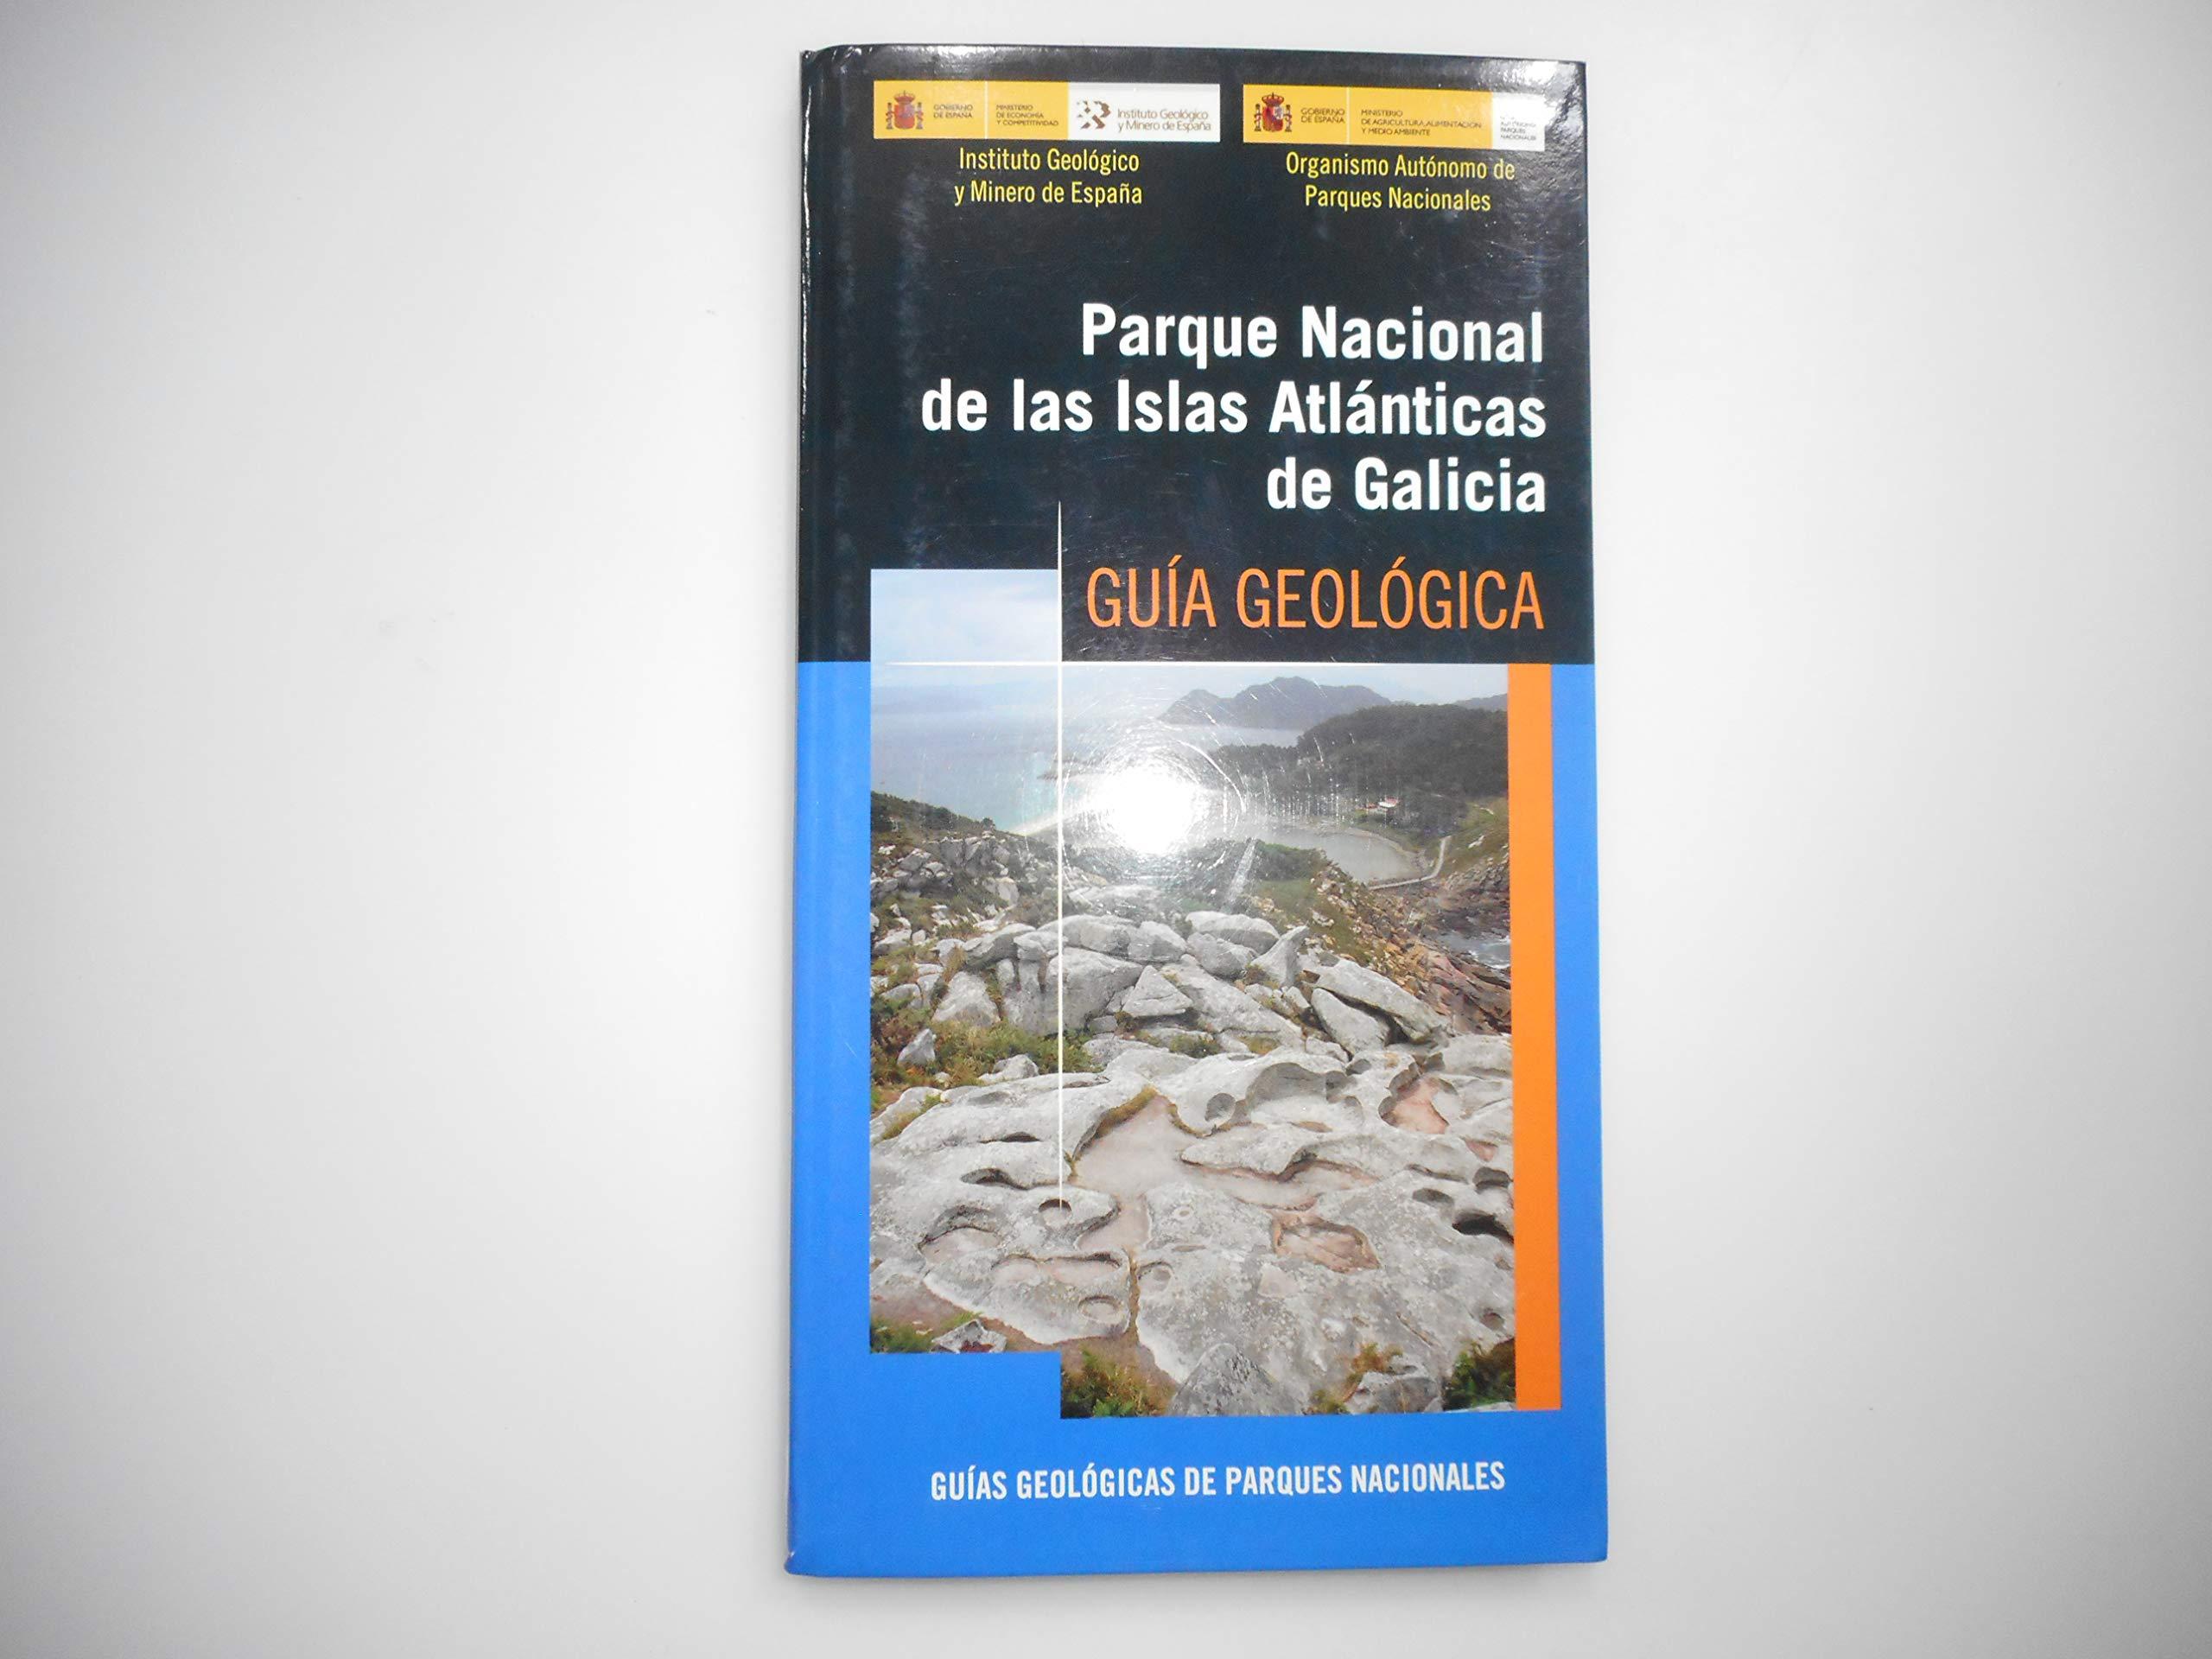 Parque Nacional de las Islas Atlánticas. Guía geológica: 9 Guías geológicas de Parques Nacionales: Amazon.es: Rodríguez Fernández, Luis Roberto: Libros